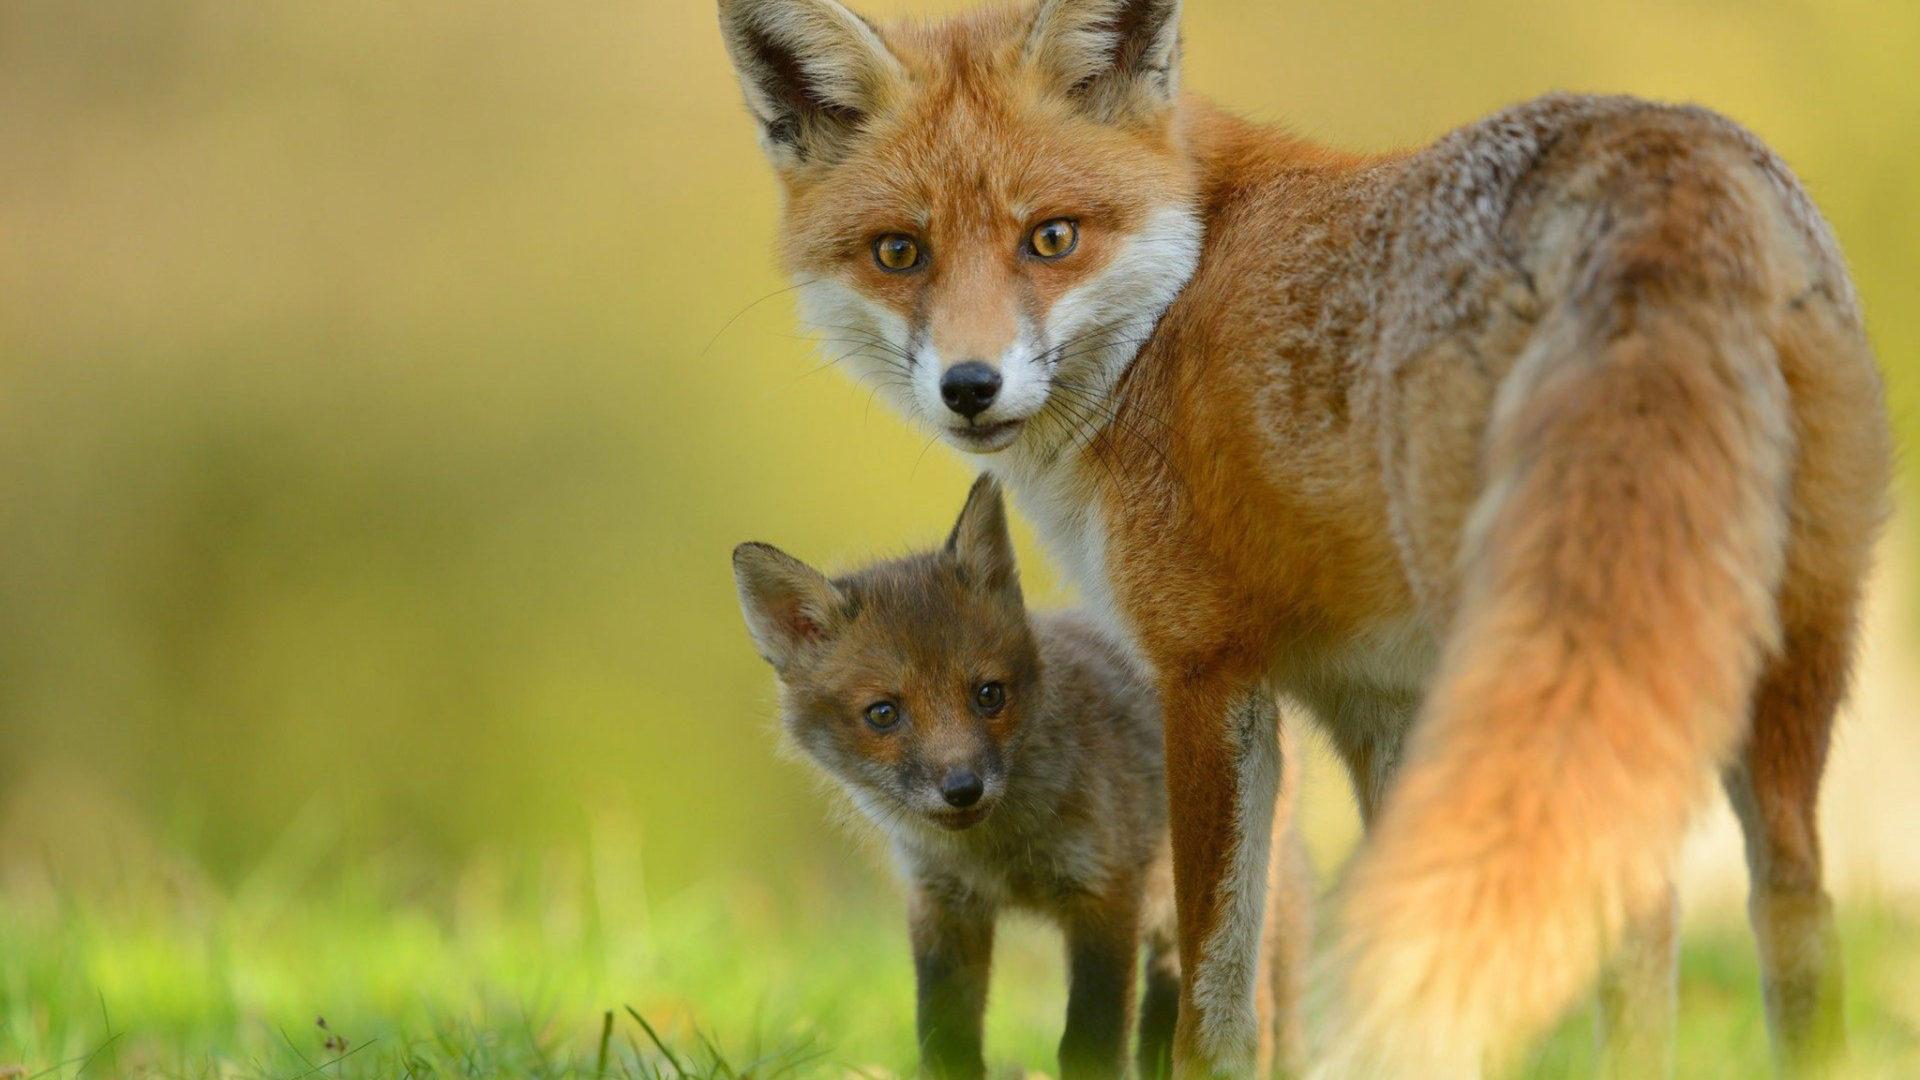 Babies Wallpaper Cute Red Fox Amp Cute Little Fox Hd Wallpaper Wallpapers13 Com